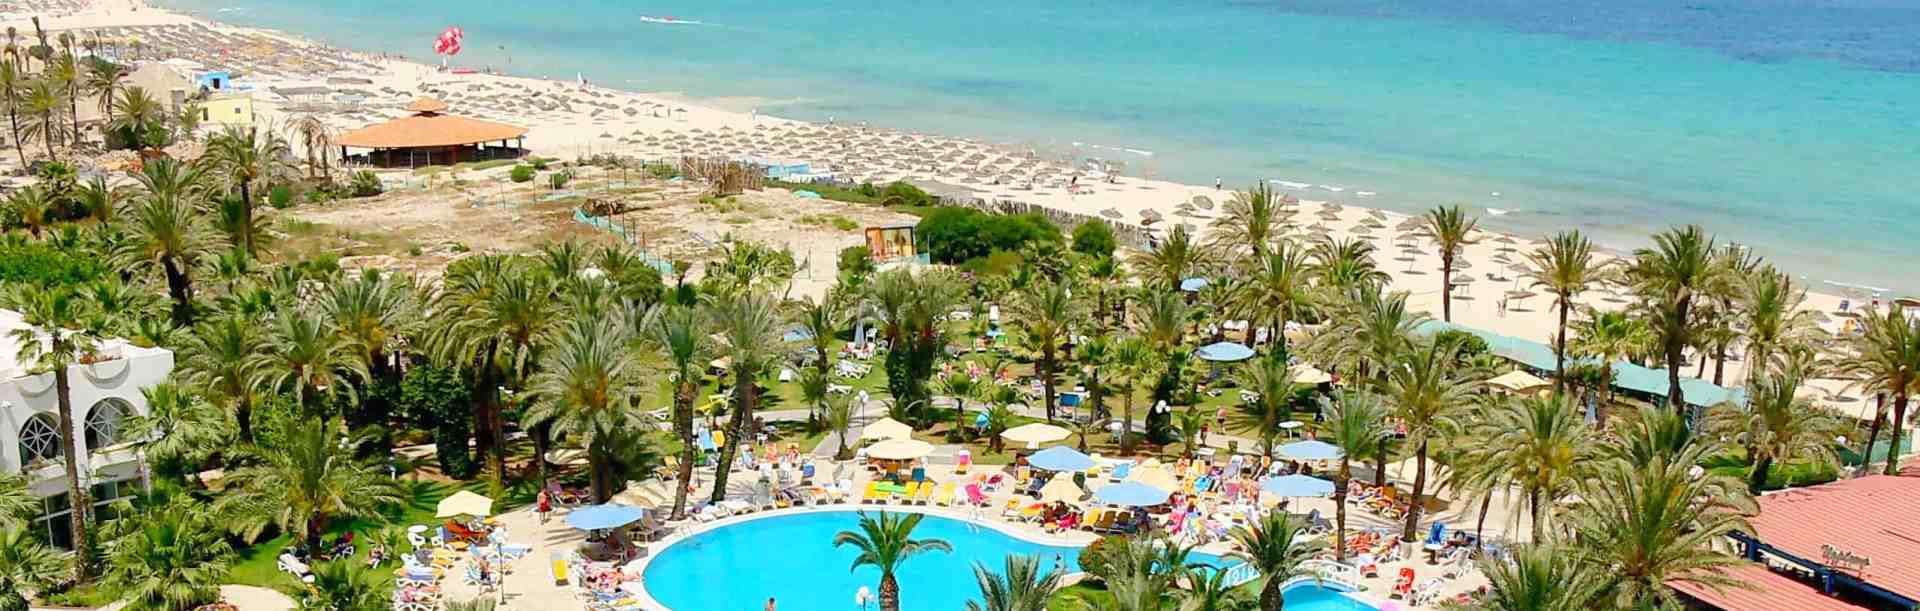 Один из пляжей, Тунис